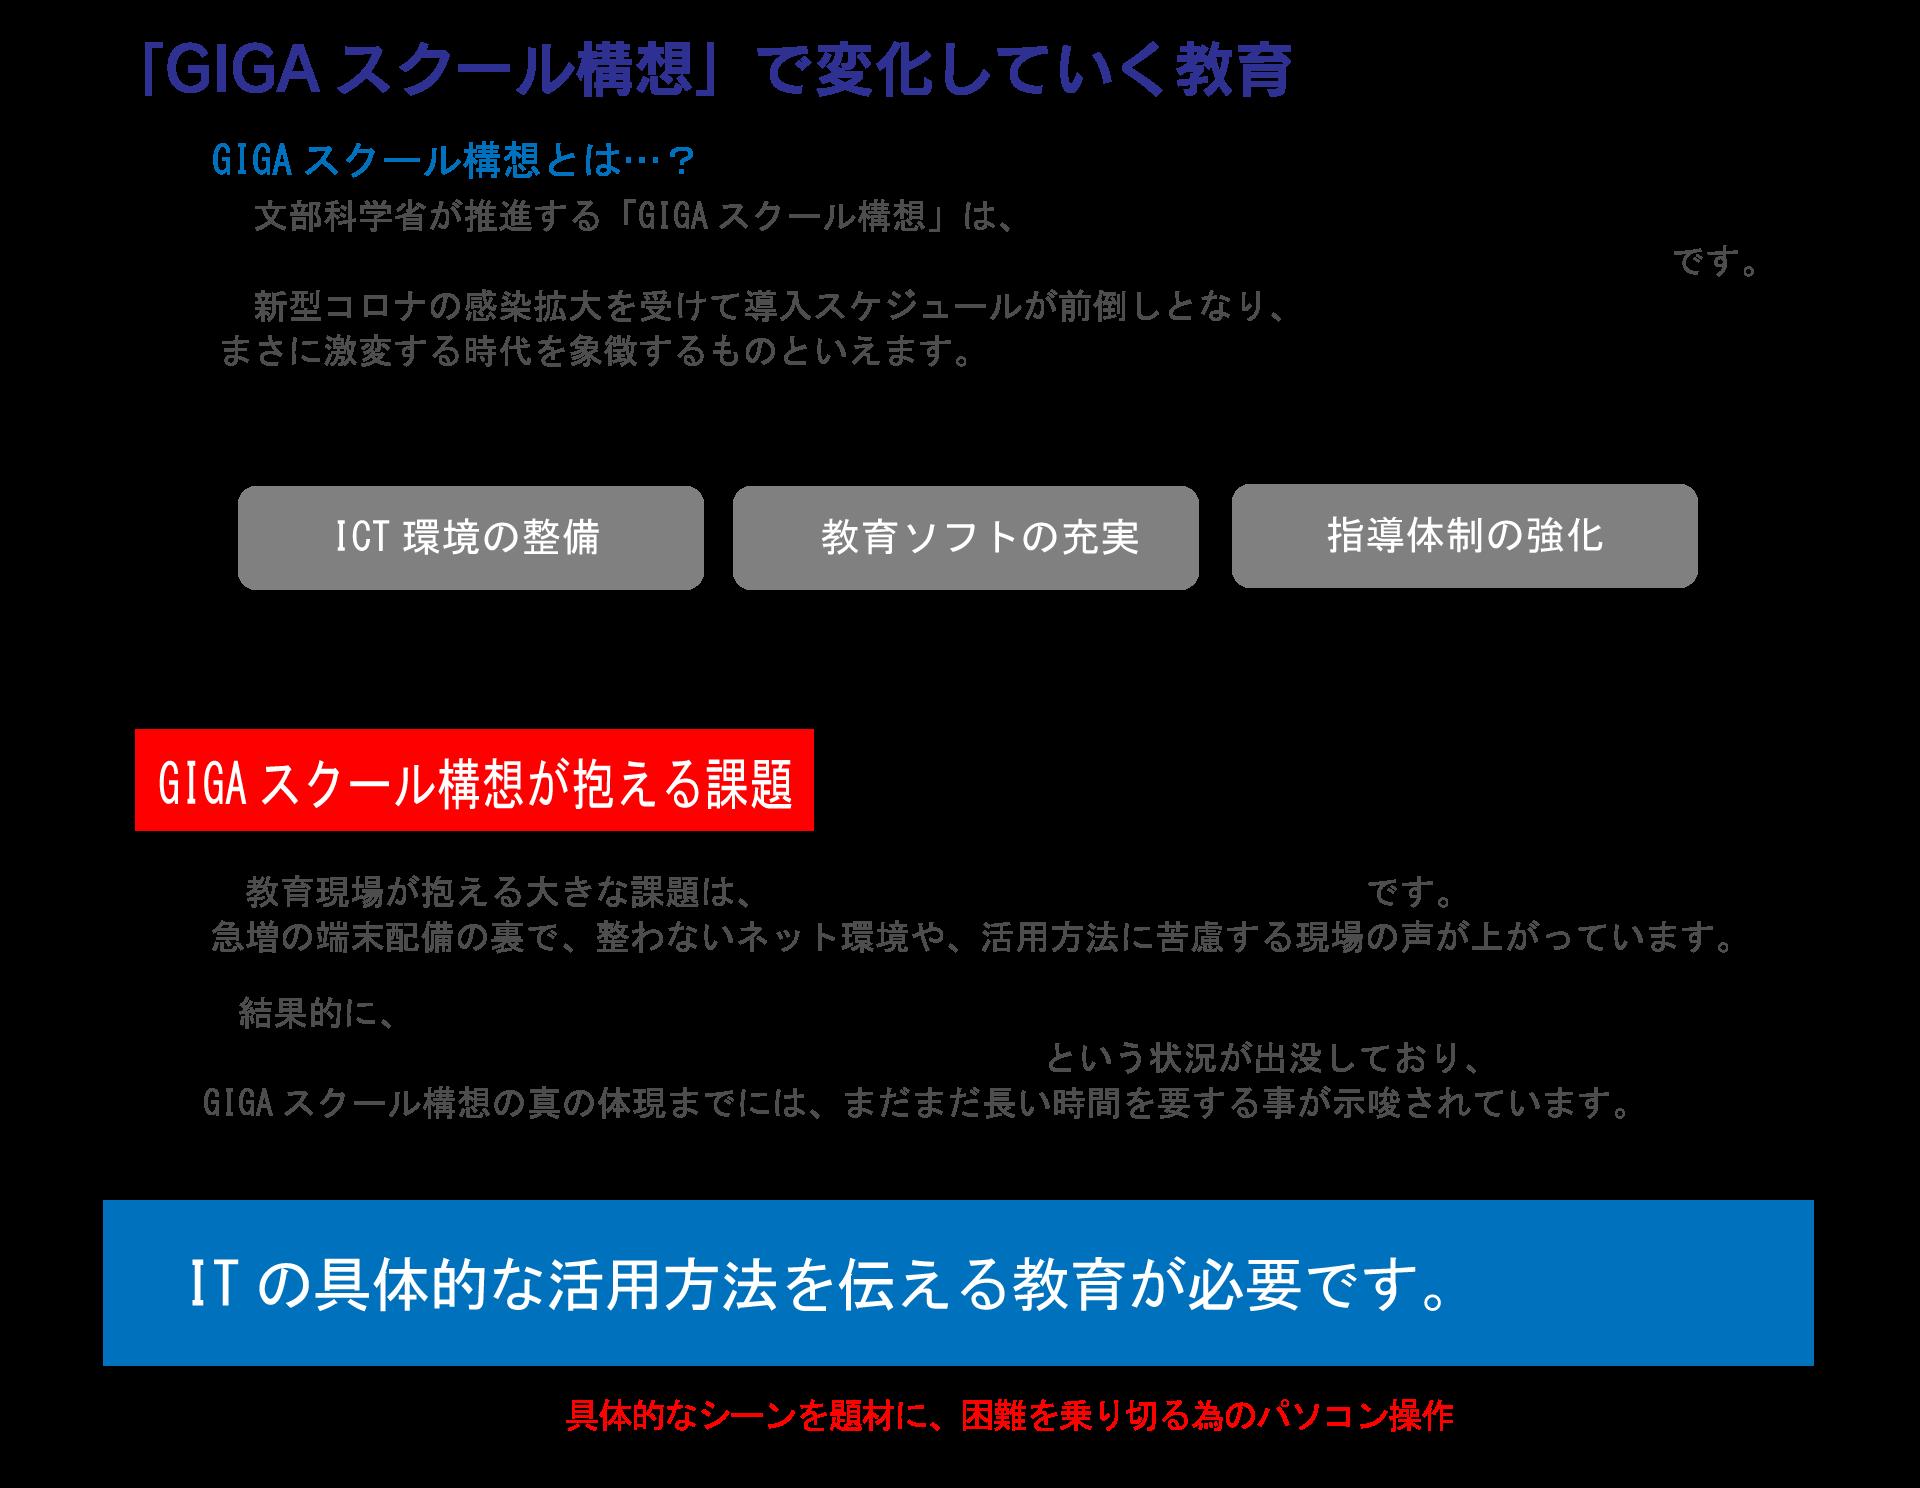 JパソコンスクールとGIGAスクール構造